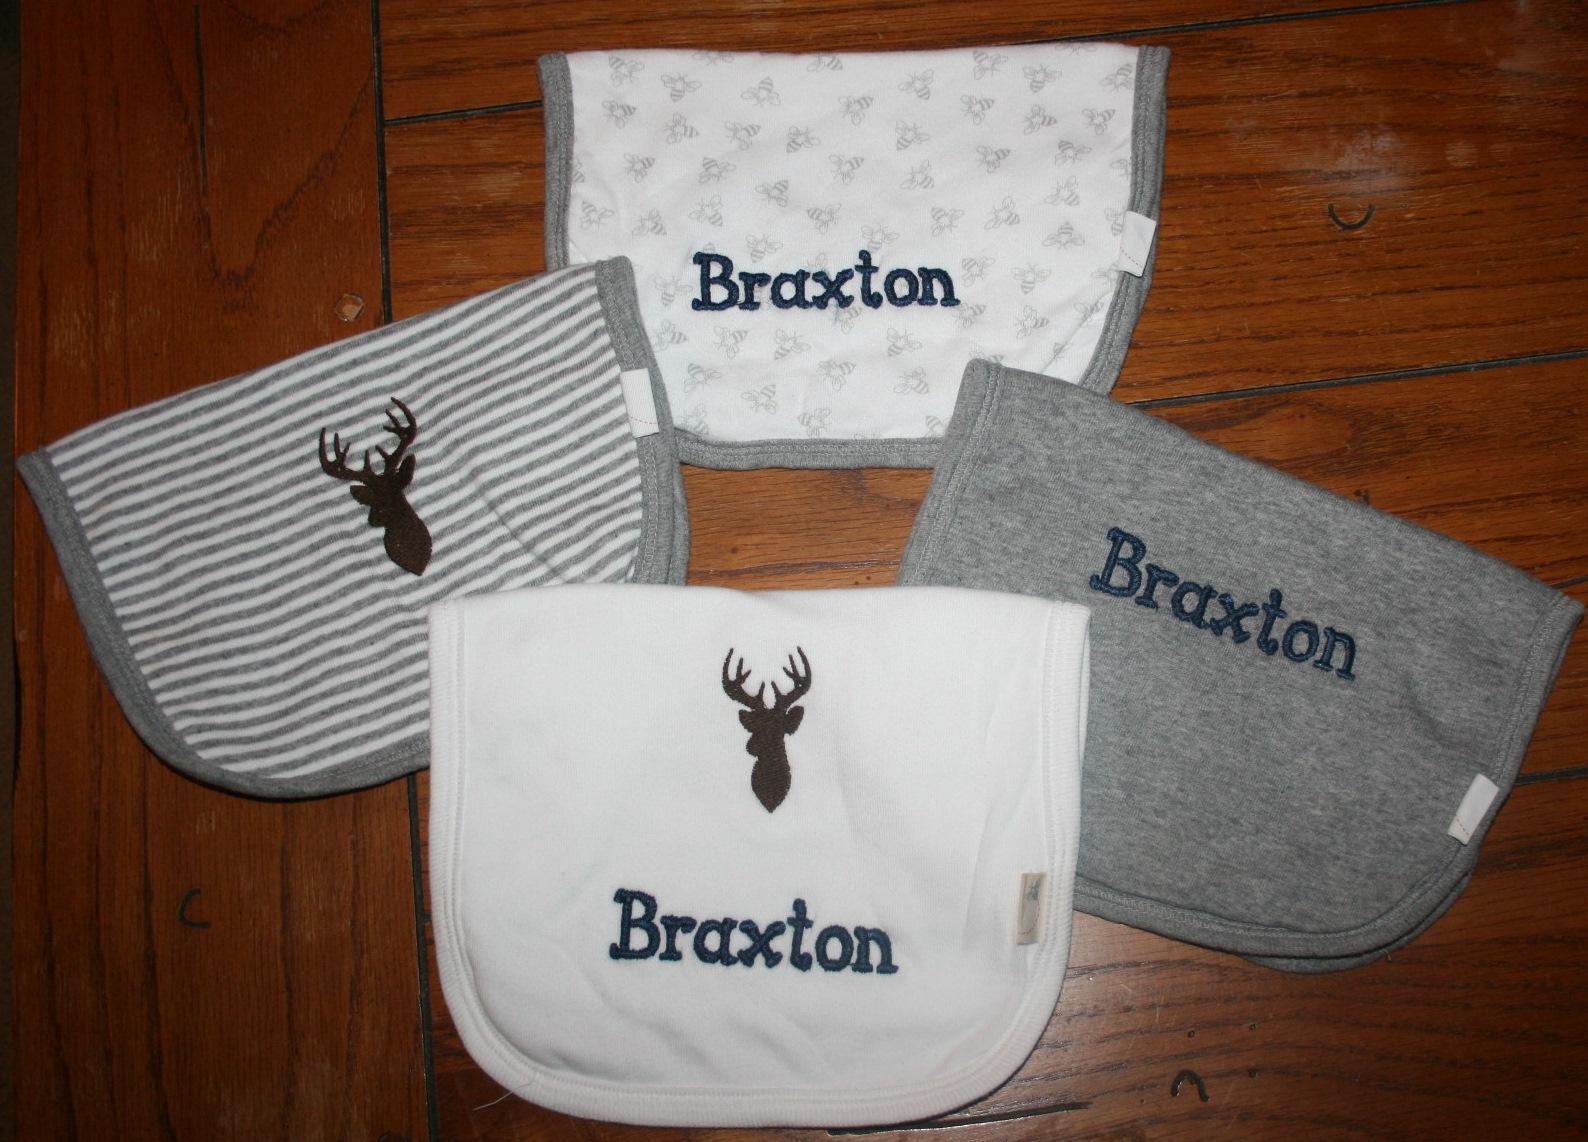 Braxton's Embroiderd Baby Bibs